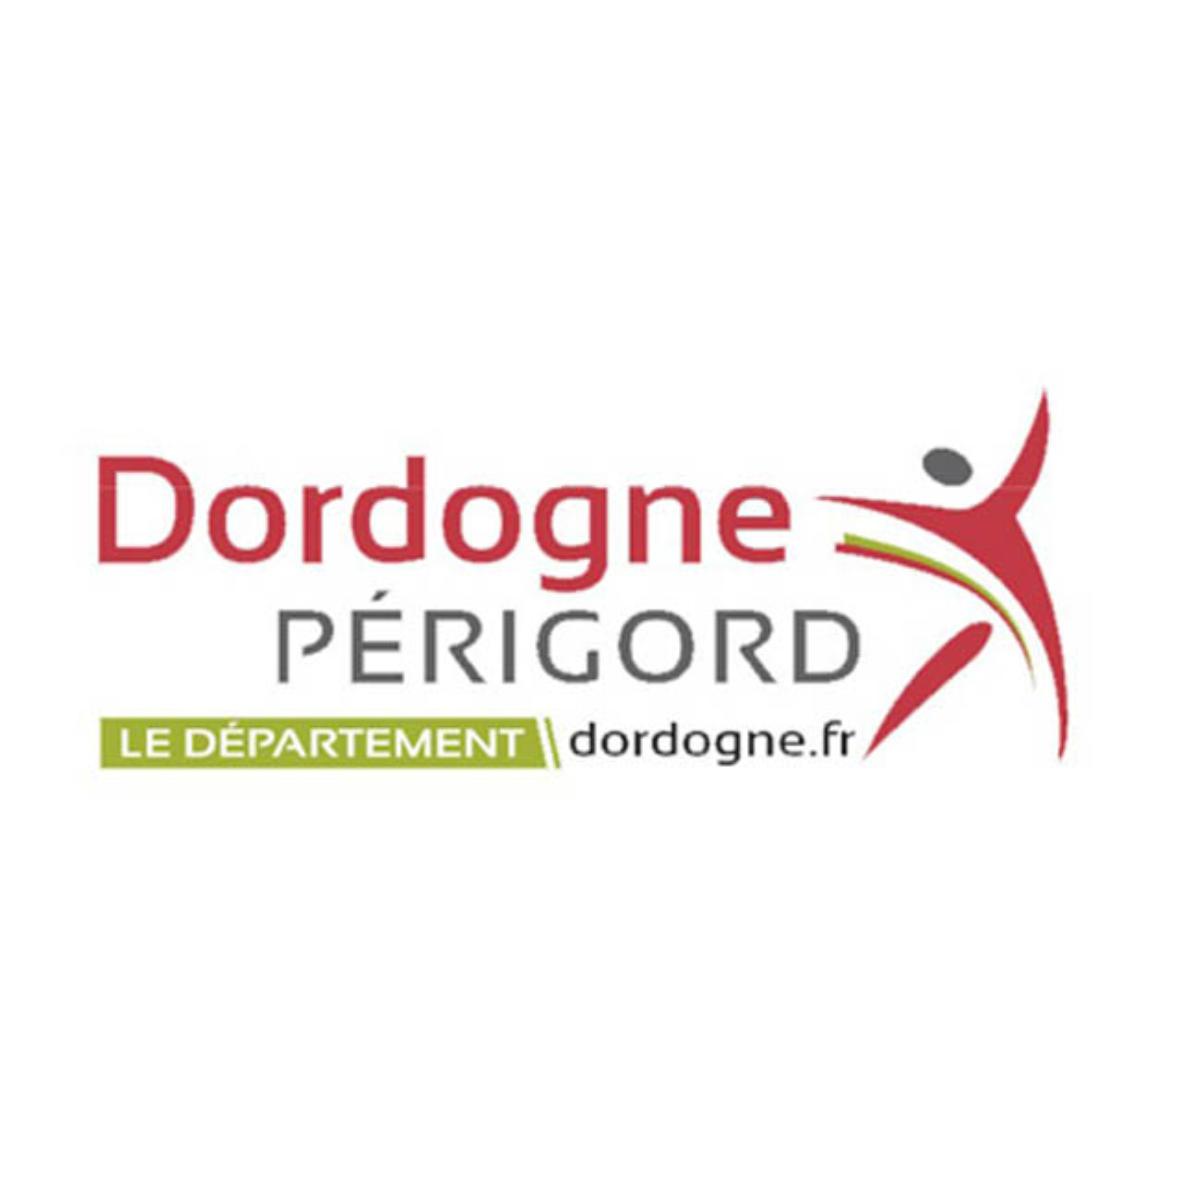 Departement Dordogne Logo